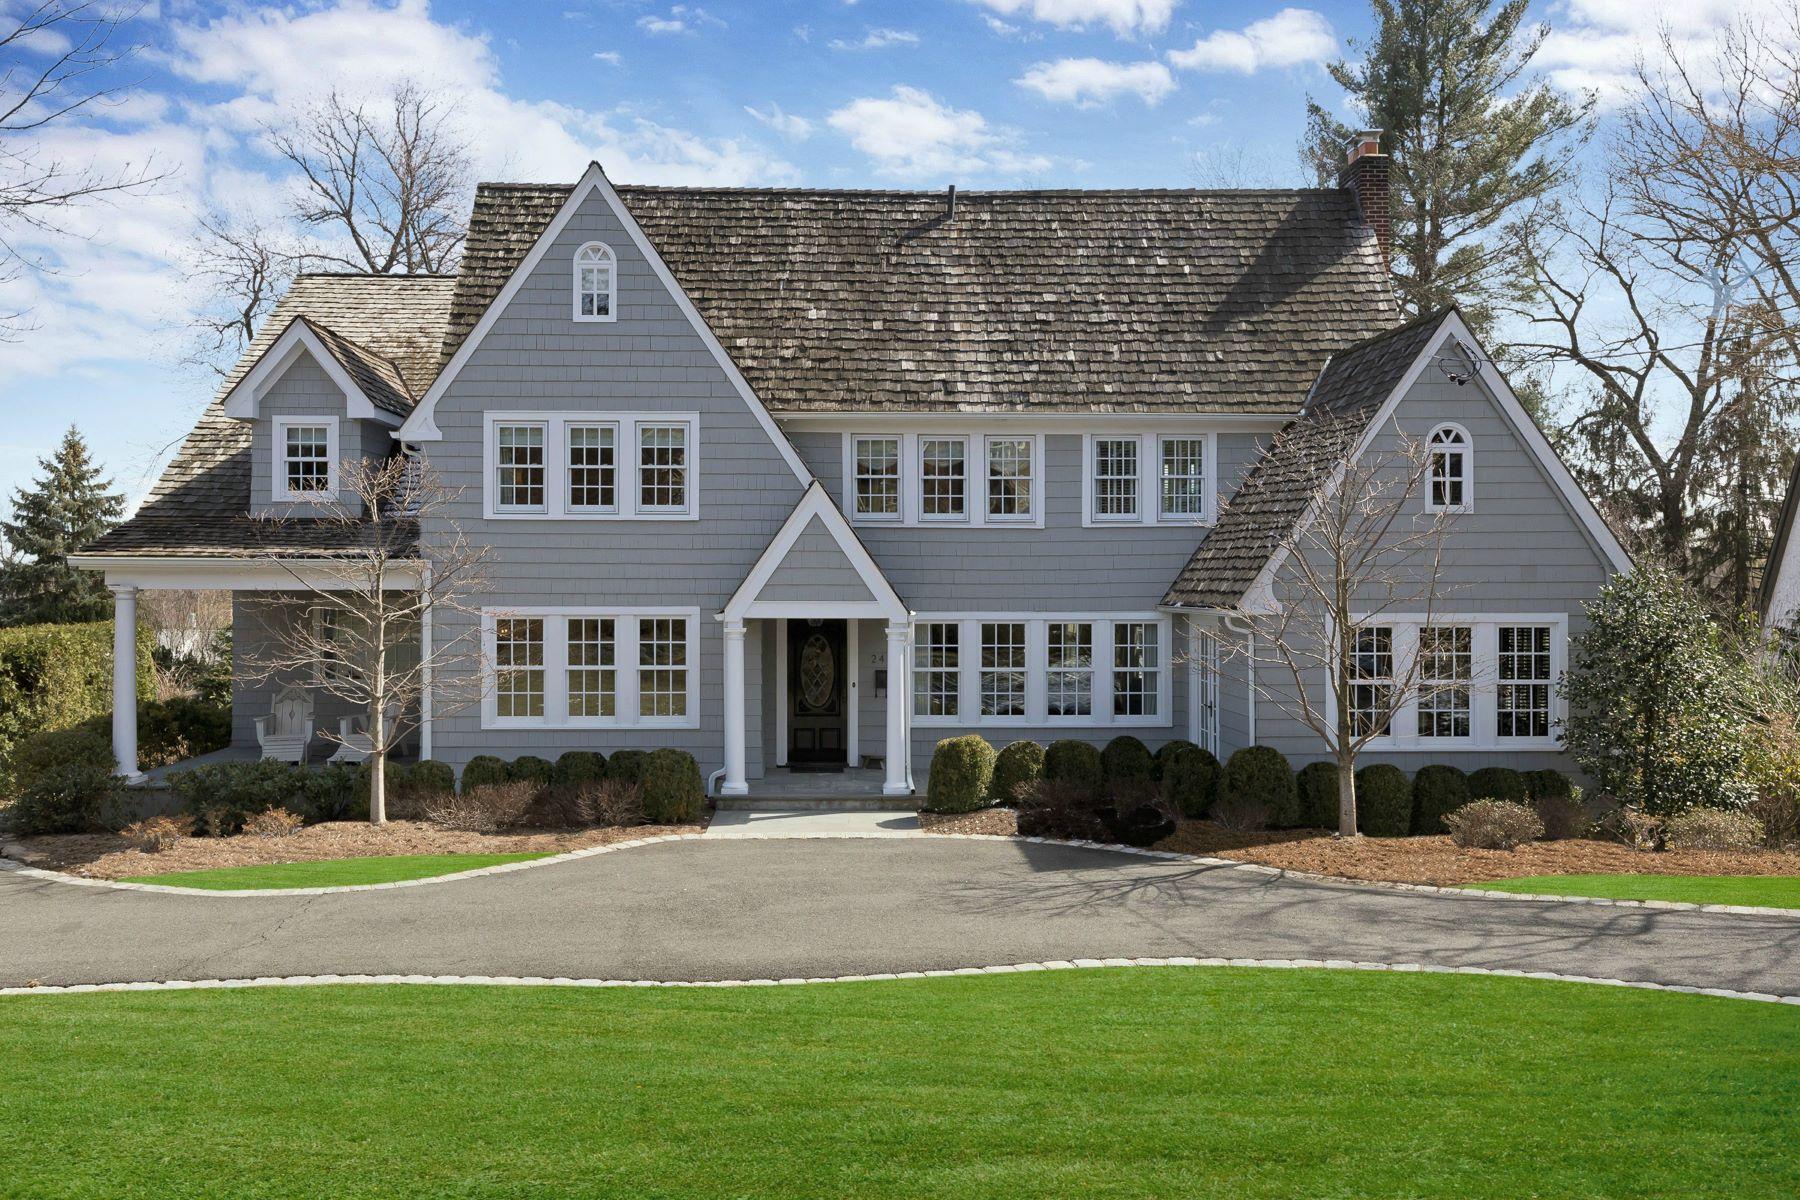 Частный односемейный дом для того Продажа на Dream No Further...Hampton's Style and Sophistication Abound... 241 Highland Avenue Ridgewood, 07450 Соединенные Штаты